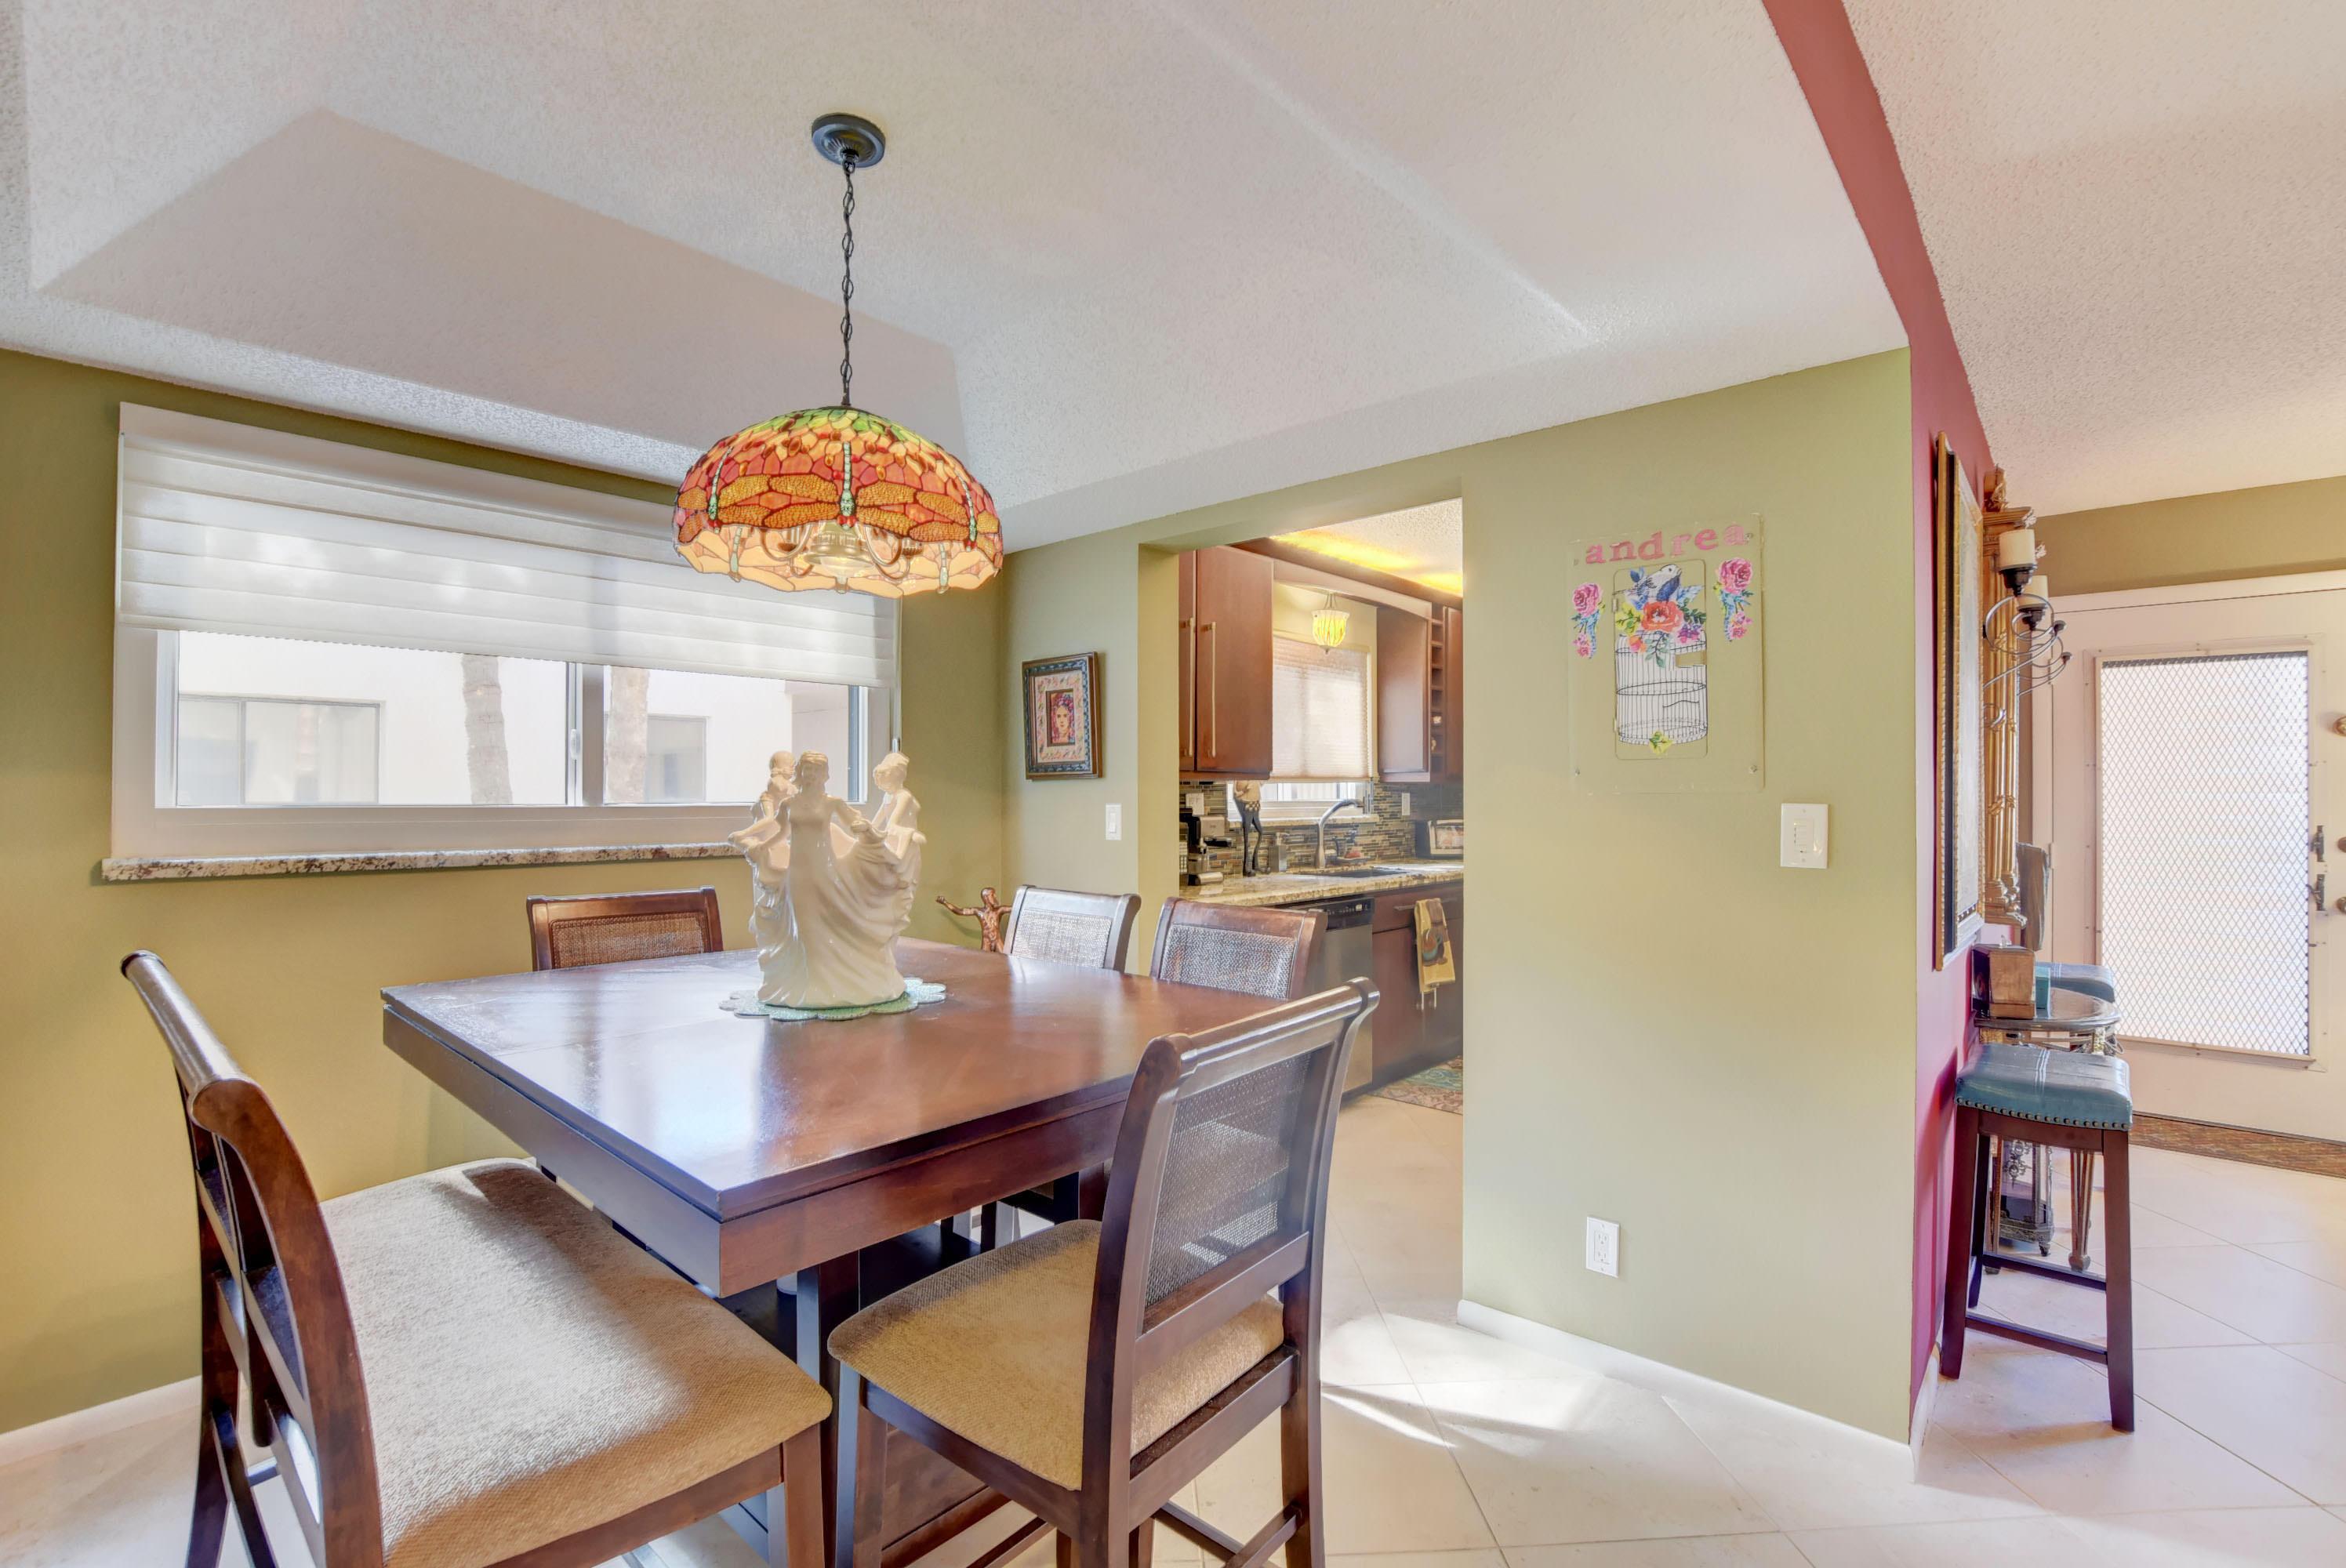 15090 Ashland Place, Delray Beach, Florida 33484, 2 Bedrooms Bedrooms, ,2 BathroomsBathrooms,Condo/Coop,For Sale,LAKES OF DELRAY,Ashland,2,RX-10464020